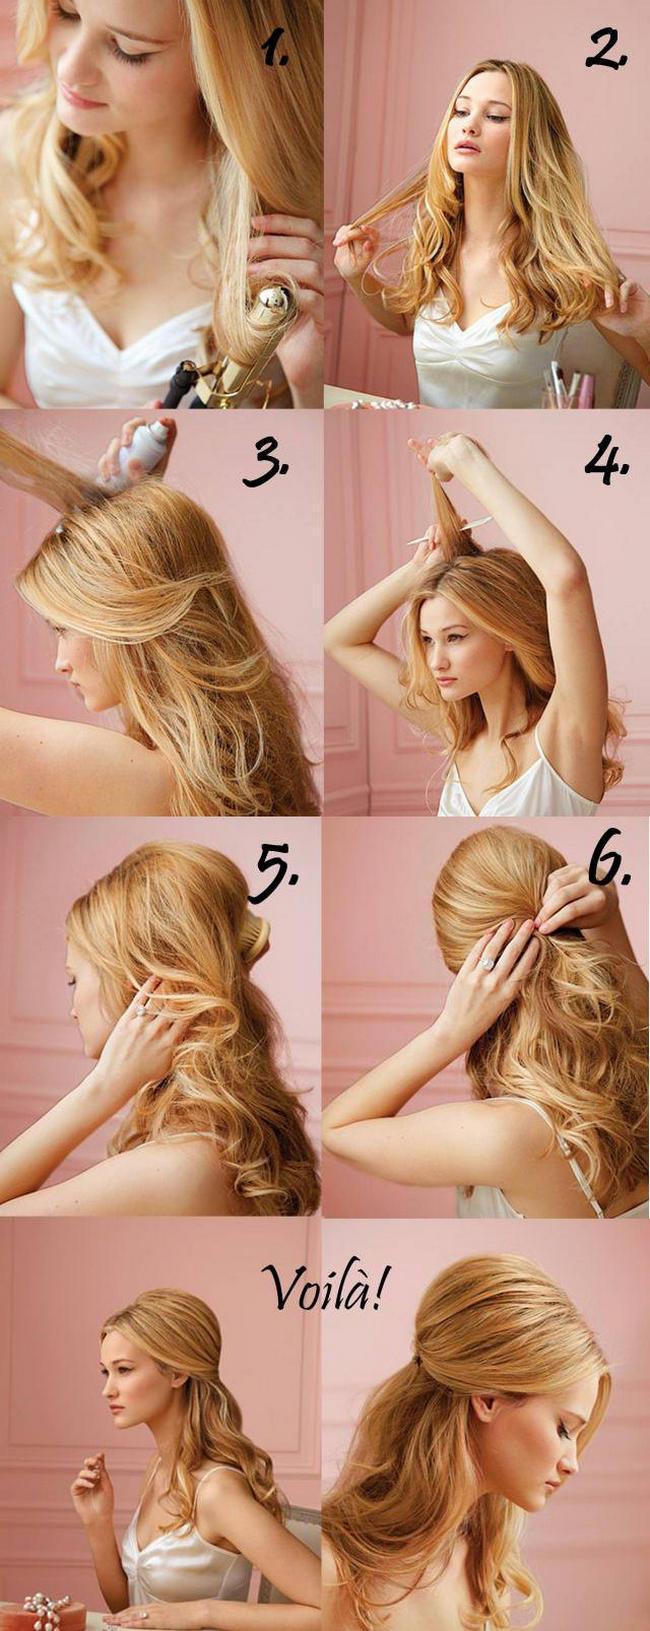 как красиво уложить набок волосы фото пошагово